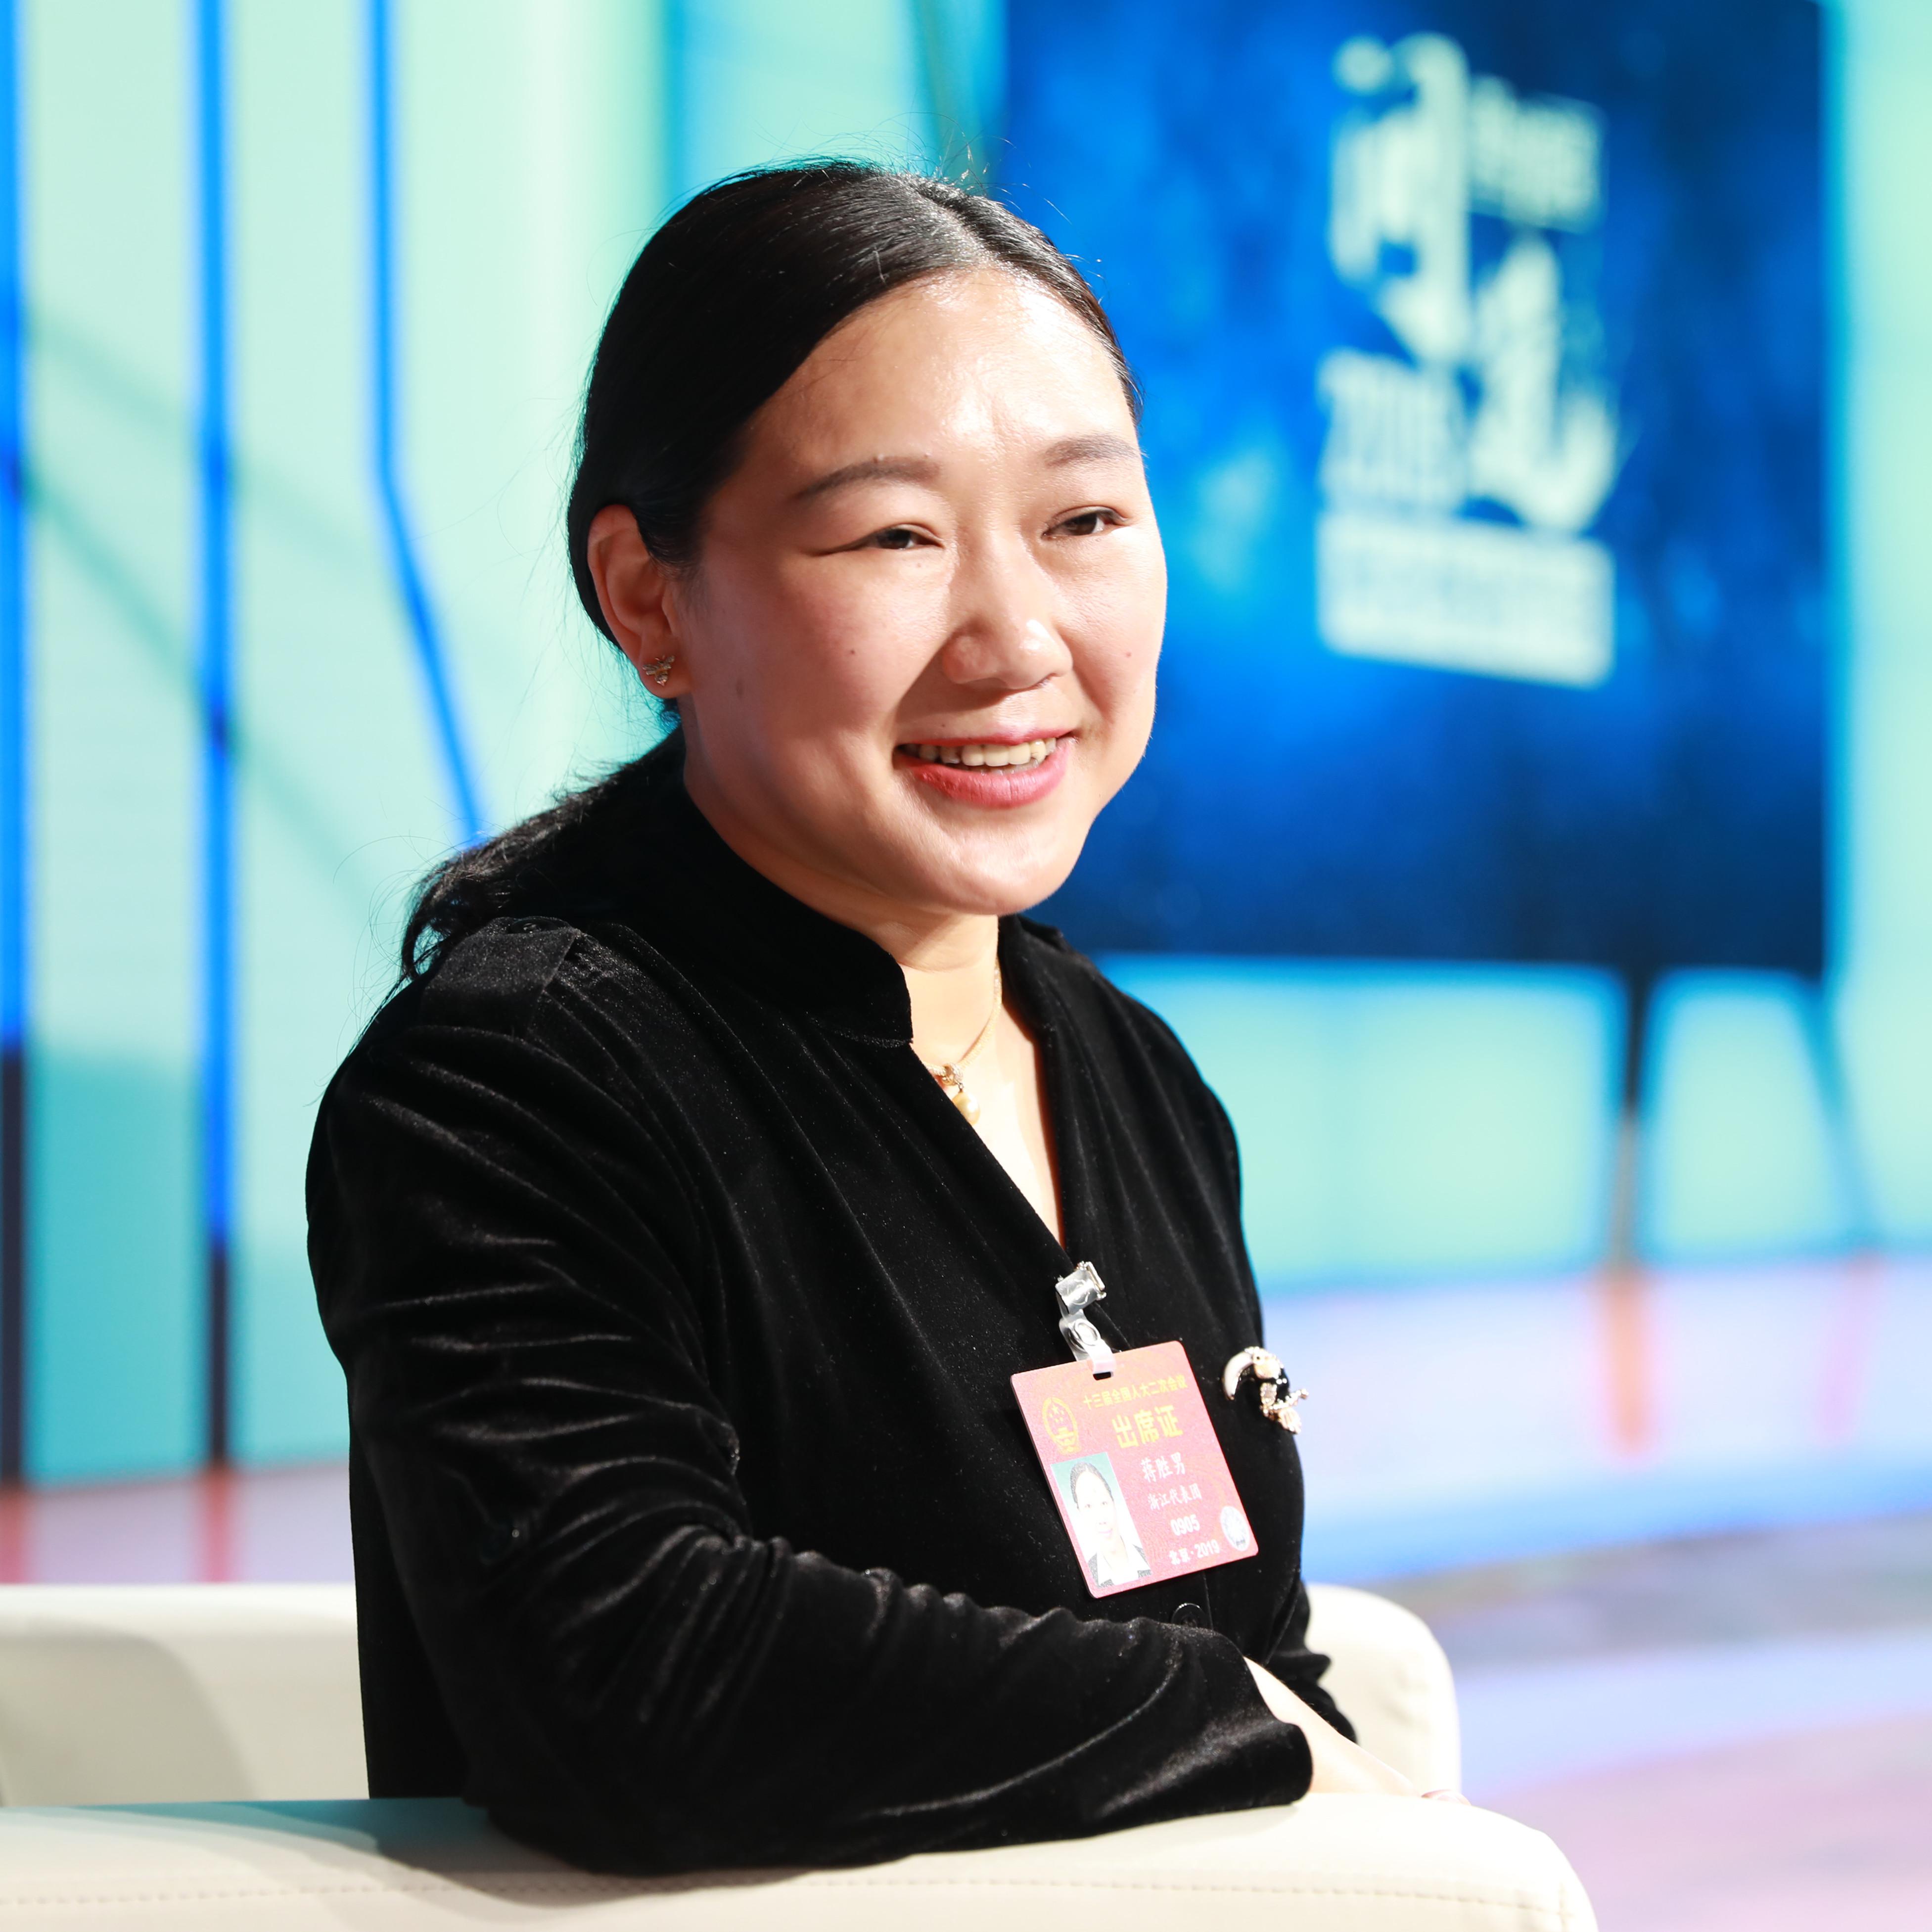 蒋胜男:澳门金沙博彩官网网络文学读者破四亿